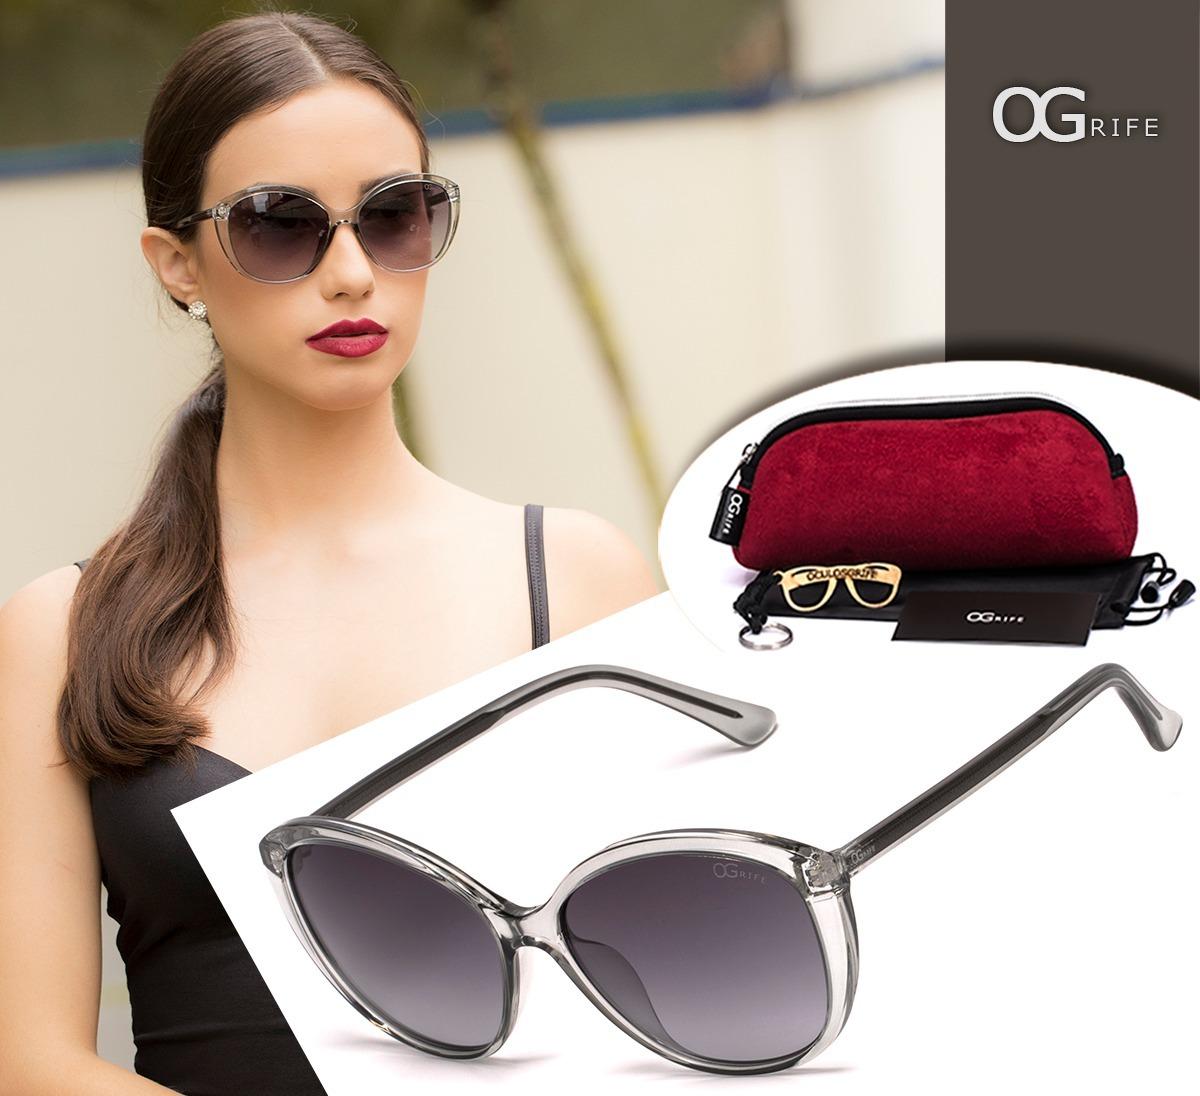 c5014a0e7 Oculos Ogrife Solar Feminino Og 1431-d Polarizado Original - R$ 90 ...